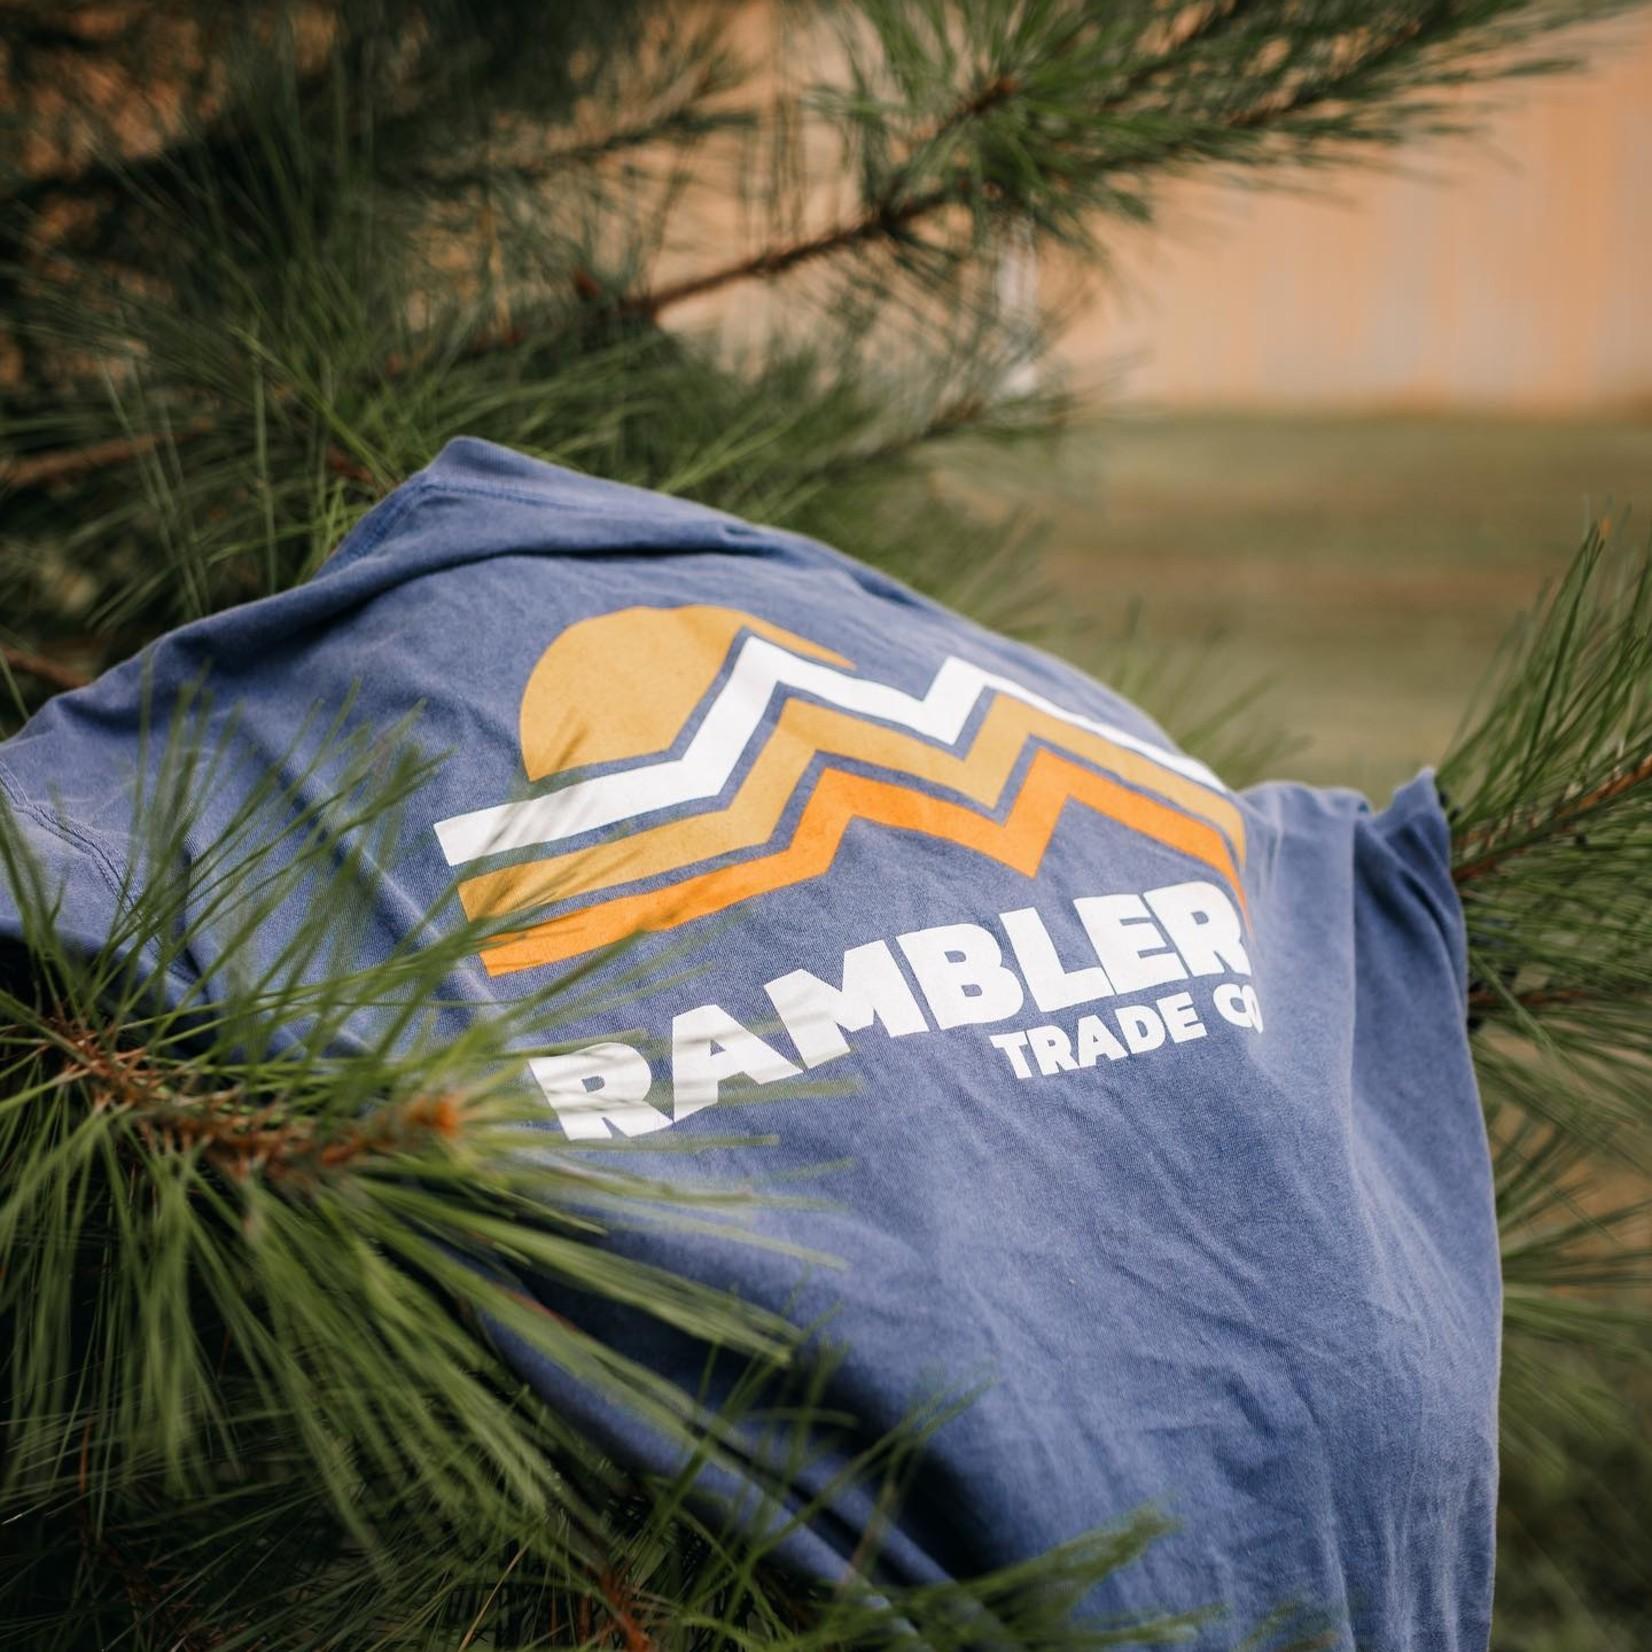 Rambler Trade Co Retro Mountain Tee